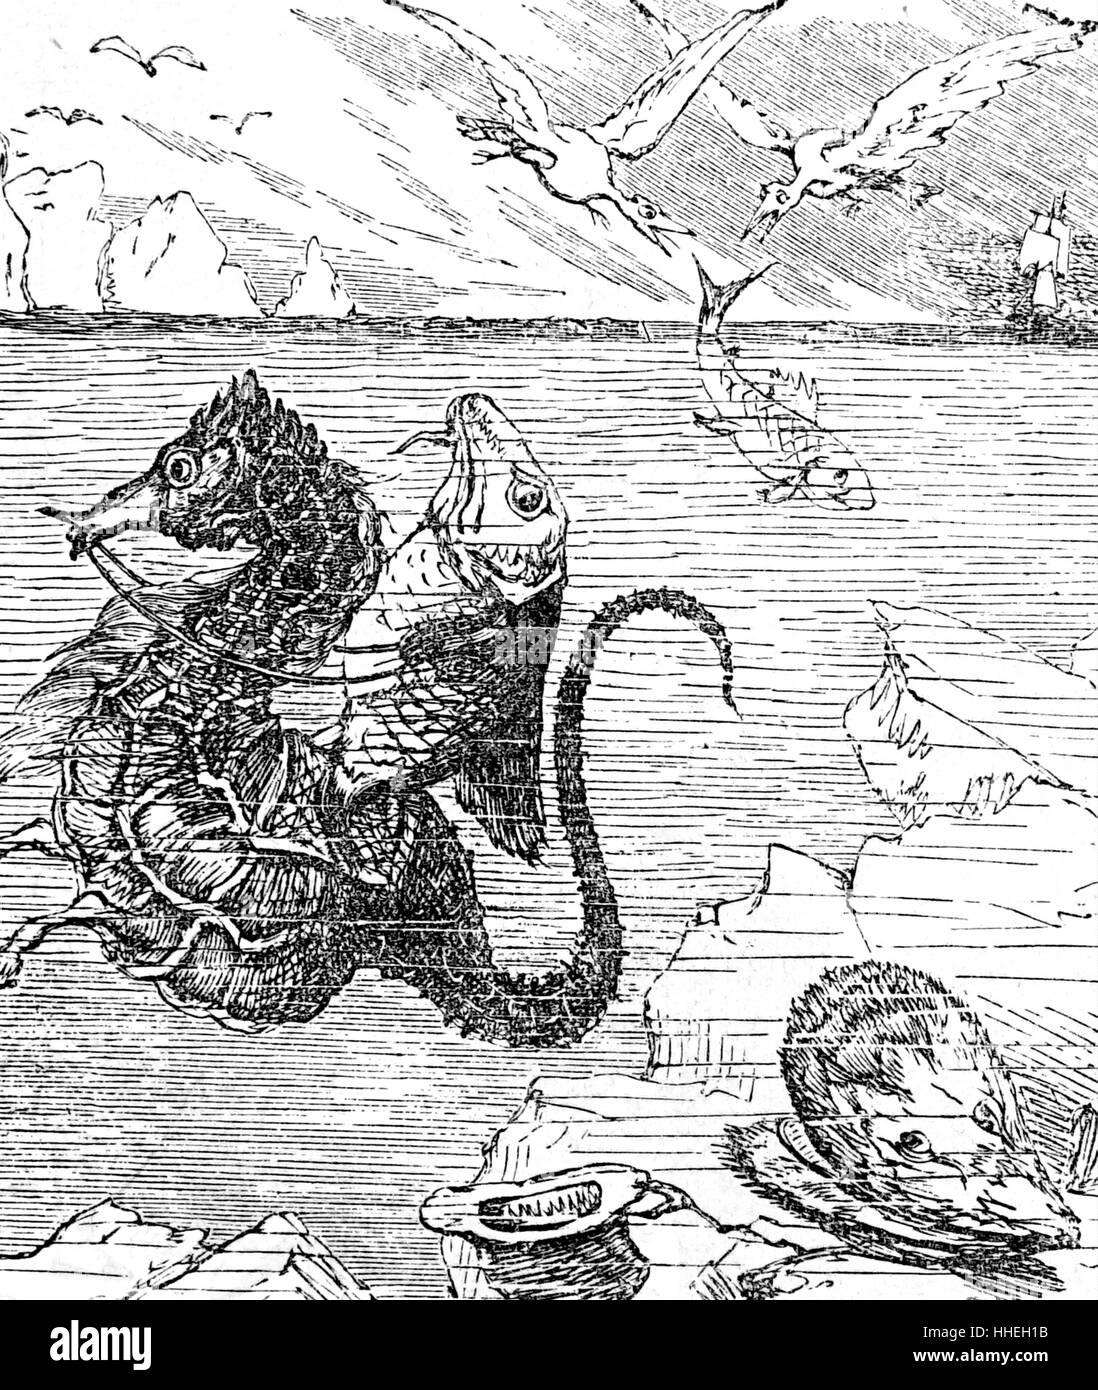 Ilustración representando la vida del mar y criaturas inusuales. Fecha del siglo XIX Imagen De Stock